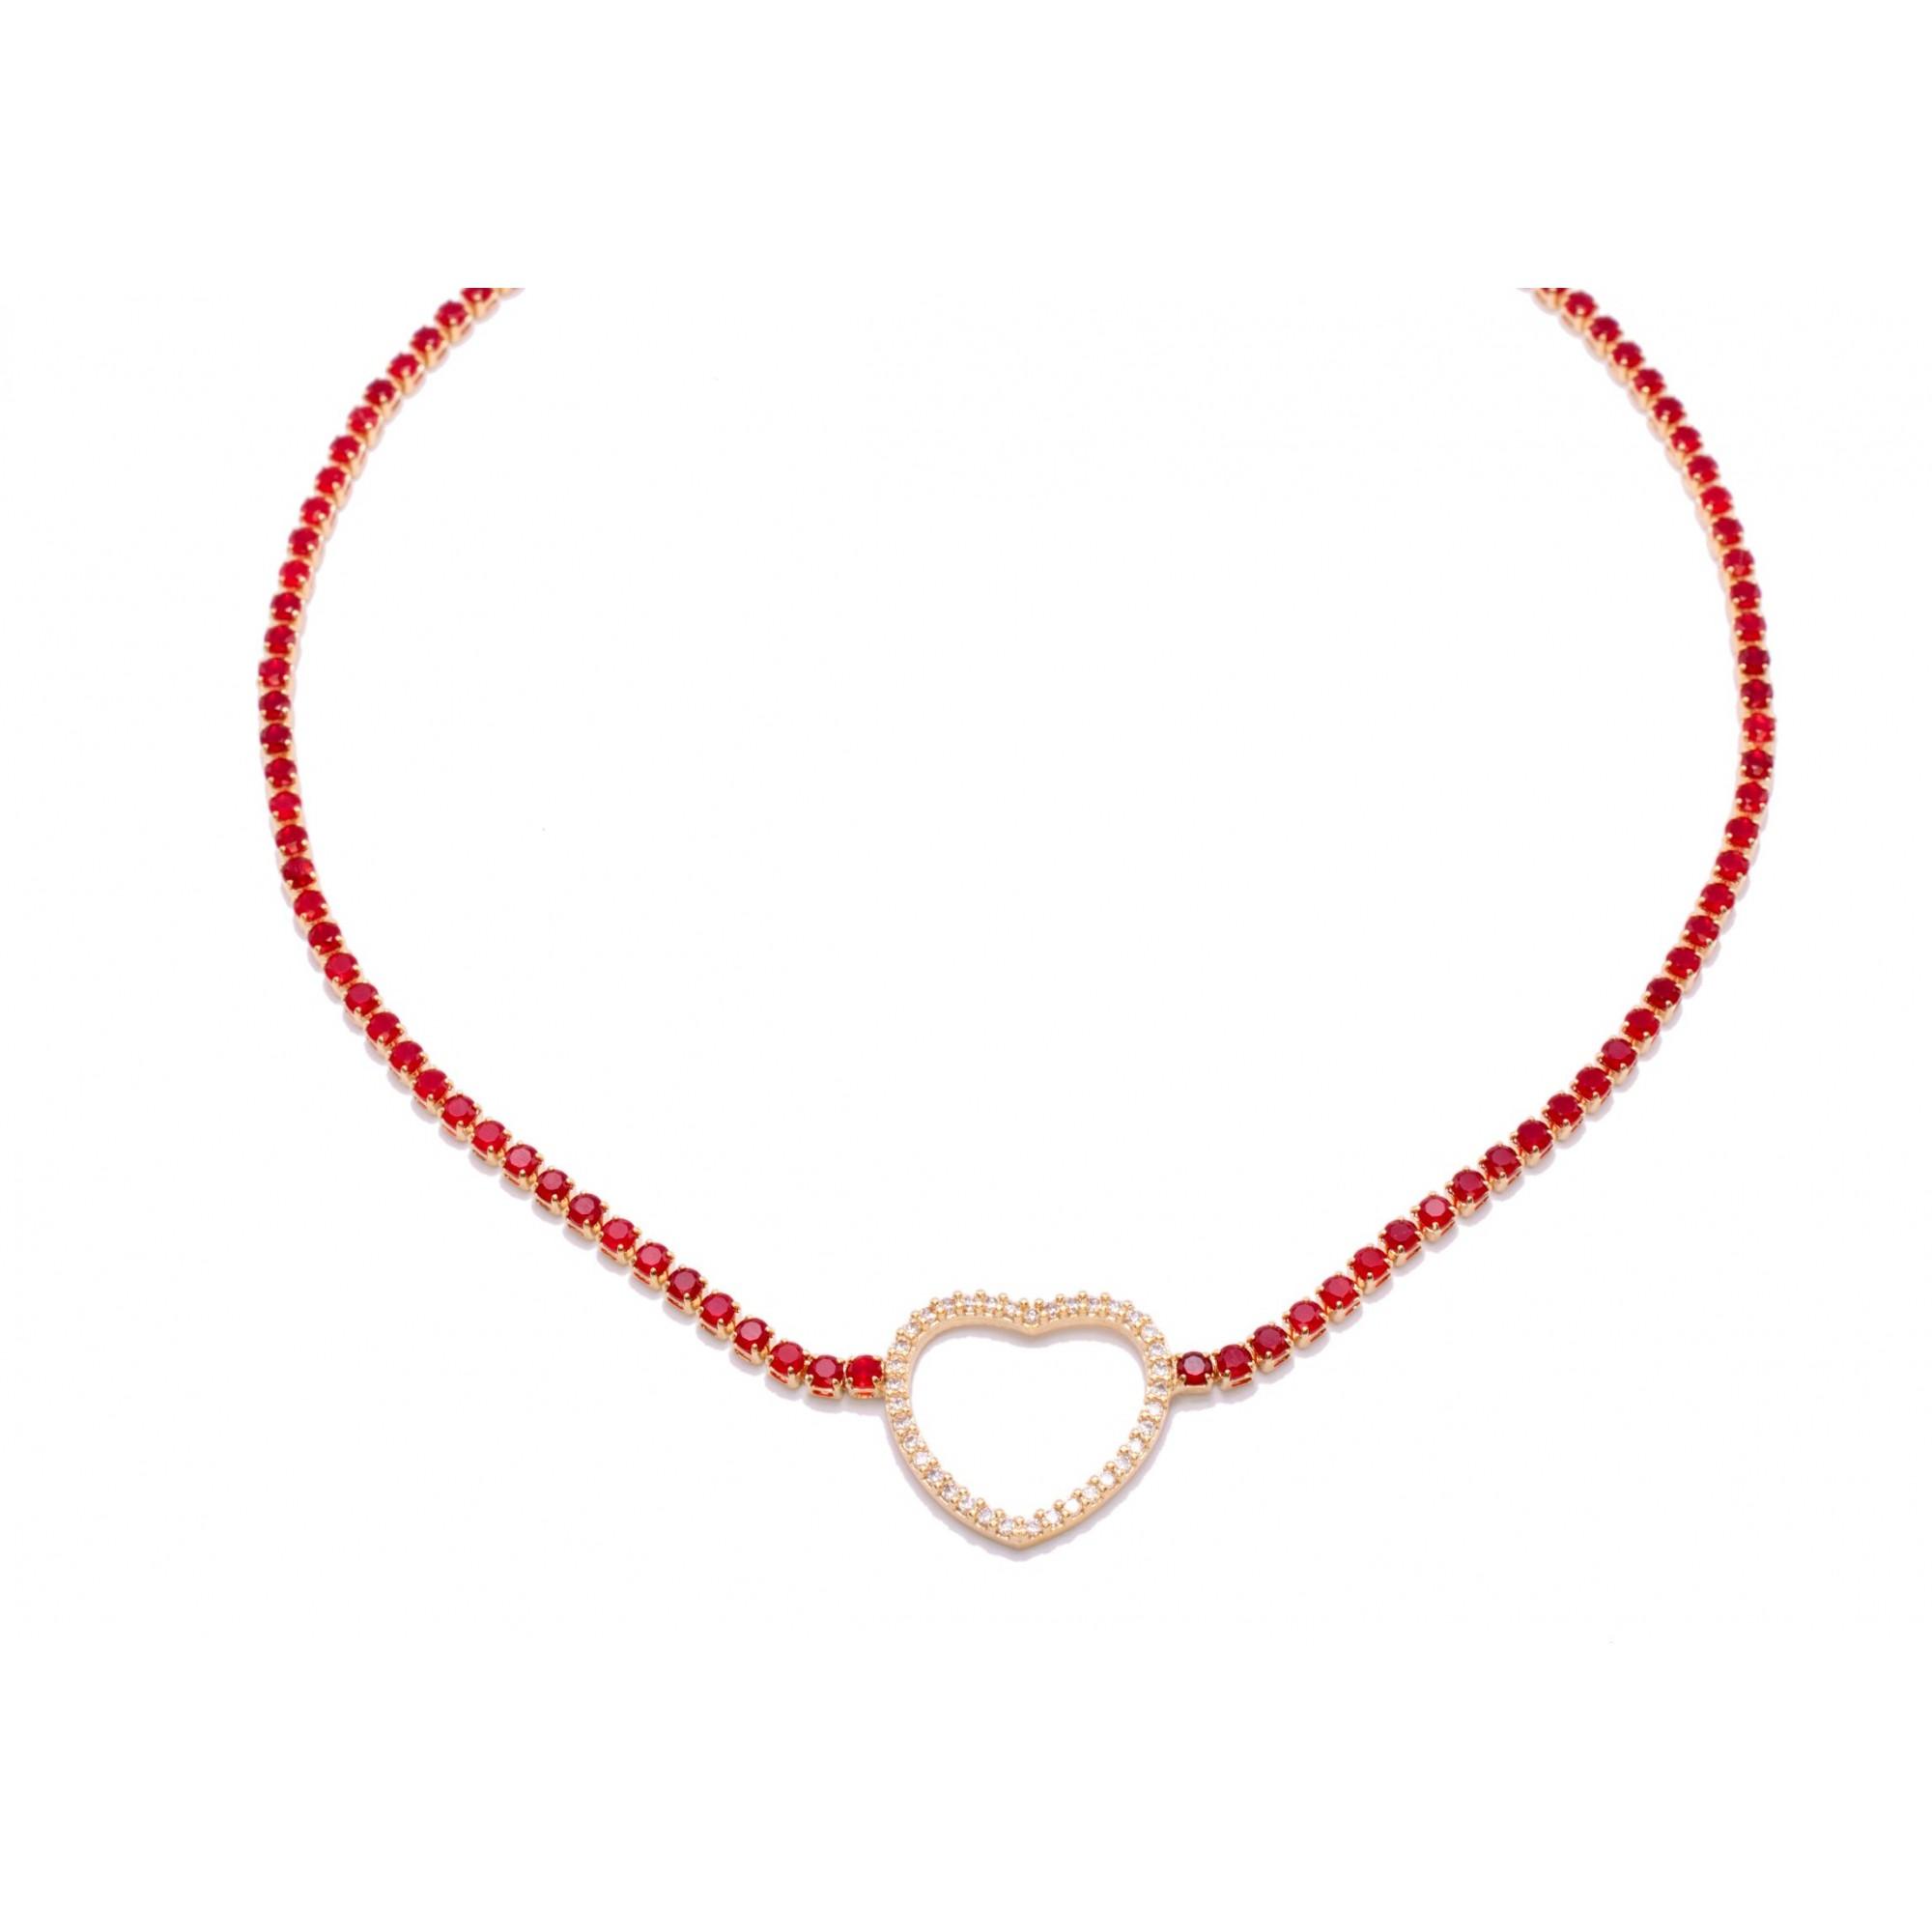 Choker Coração com Zircônia Vermelho Folheado em Ouro18k - Giro Semijoias